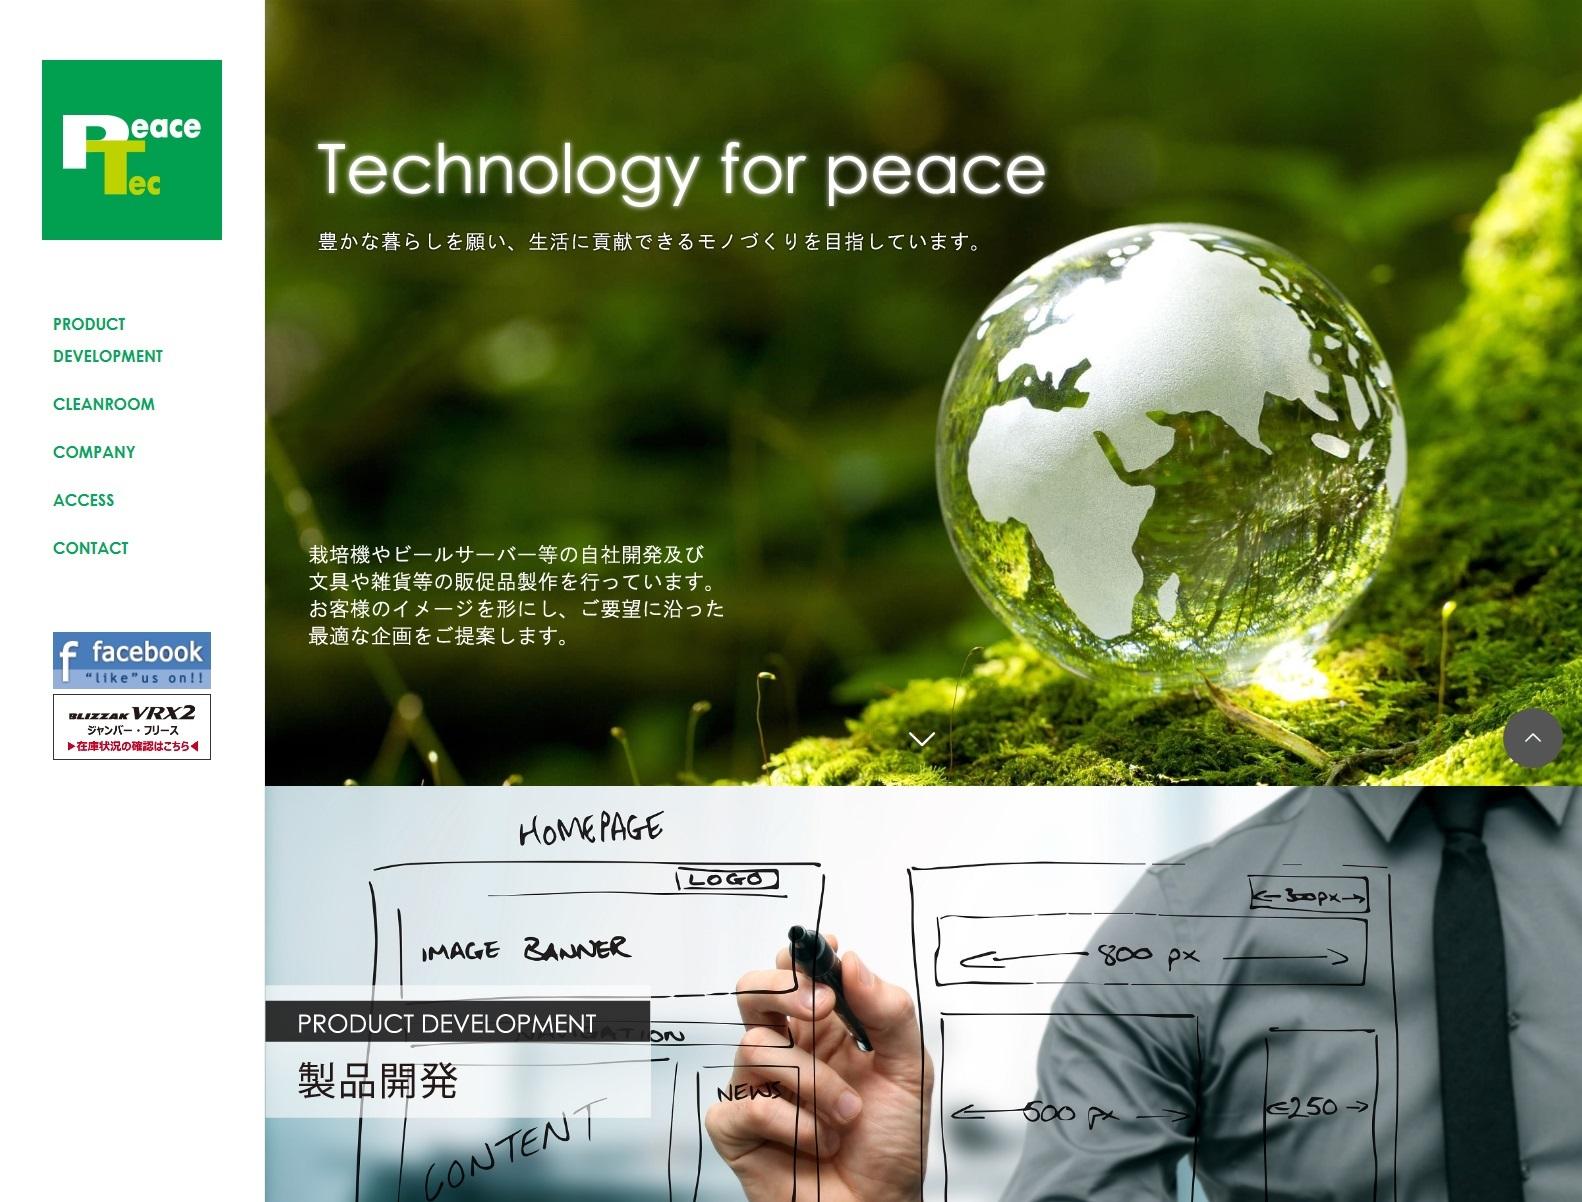 ホームページ作成|東京|さくっとホームページ作成では東京都で開発から生産、検品、出荷まで、モノづくりのプロセスにトータル的に関わり、サポートする会社を運営している「株式会社ピース・テック様の公式ホームページ」を新規に作成し、2019年2月20日に一般公開を開始しました。